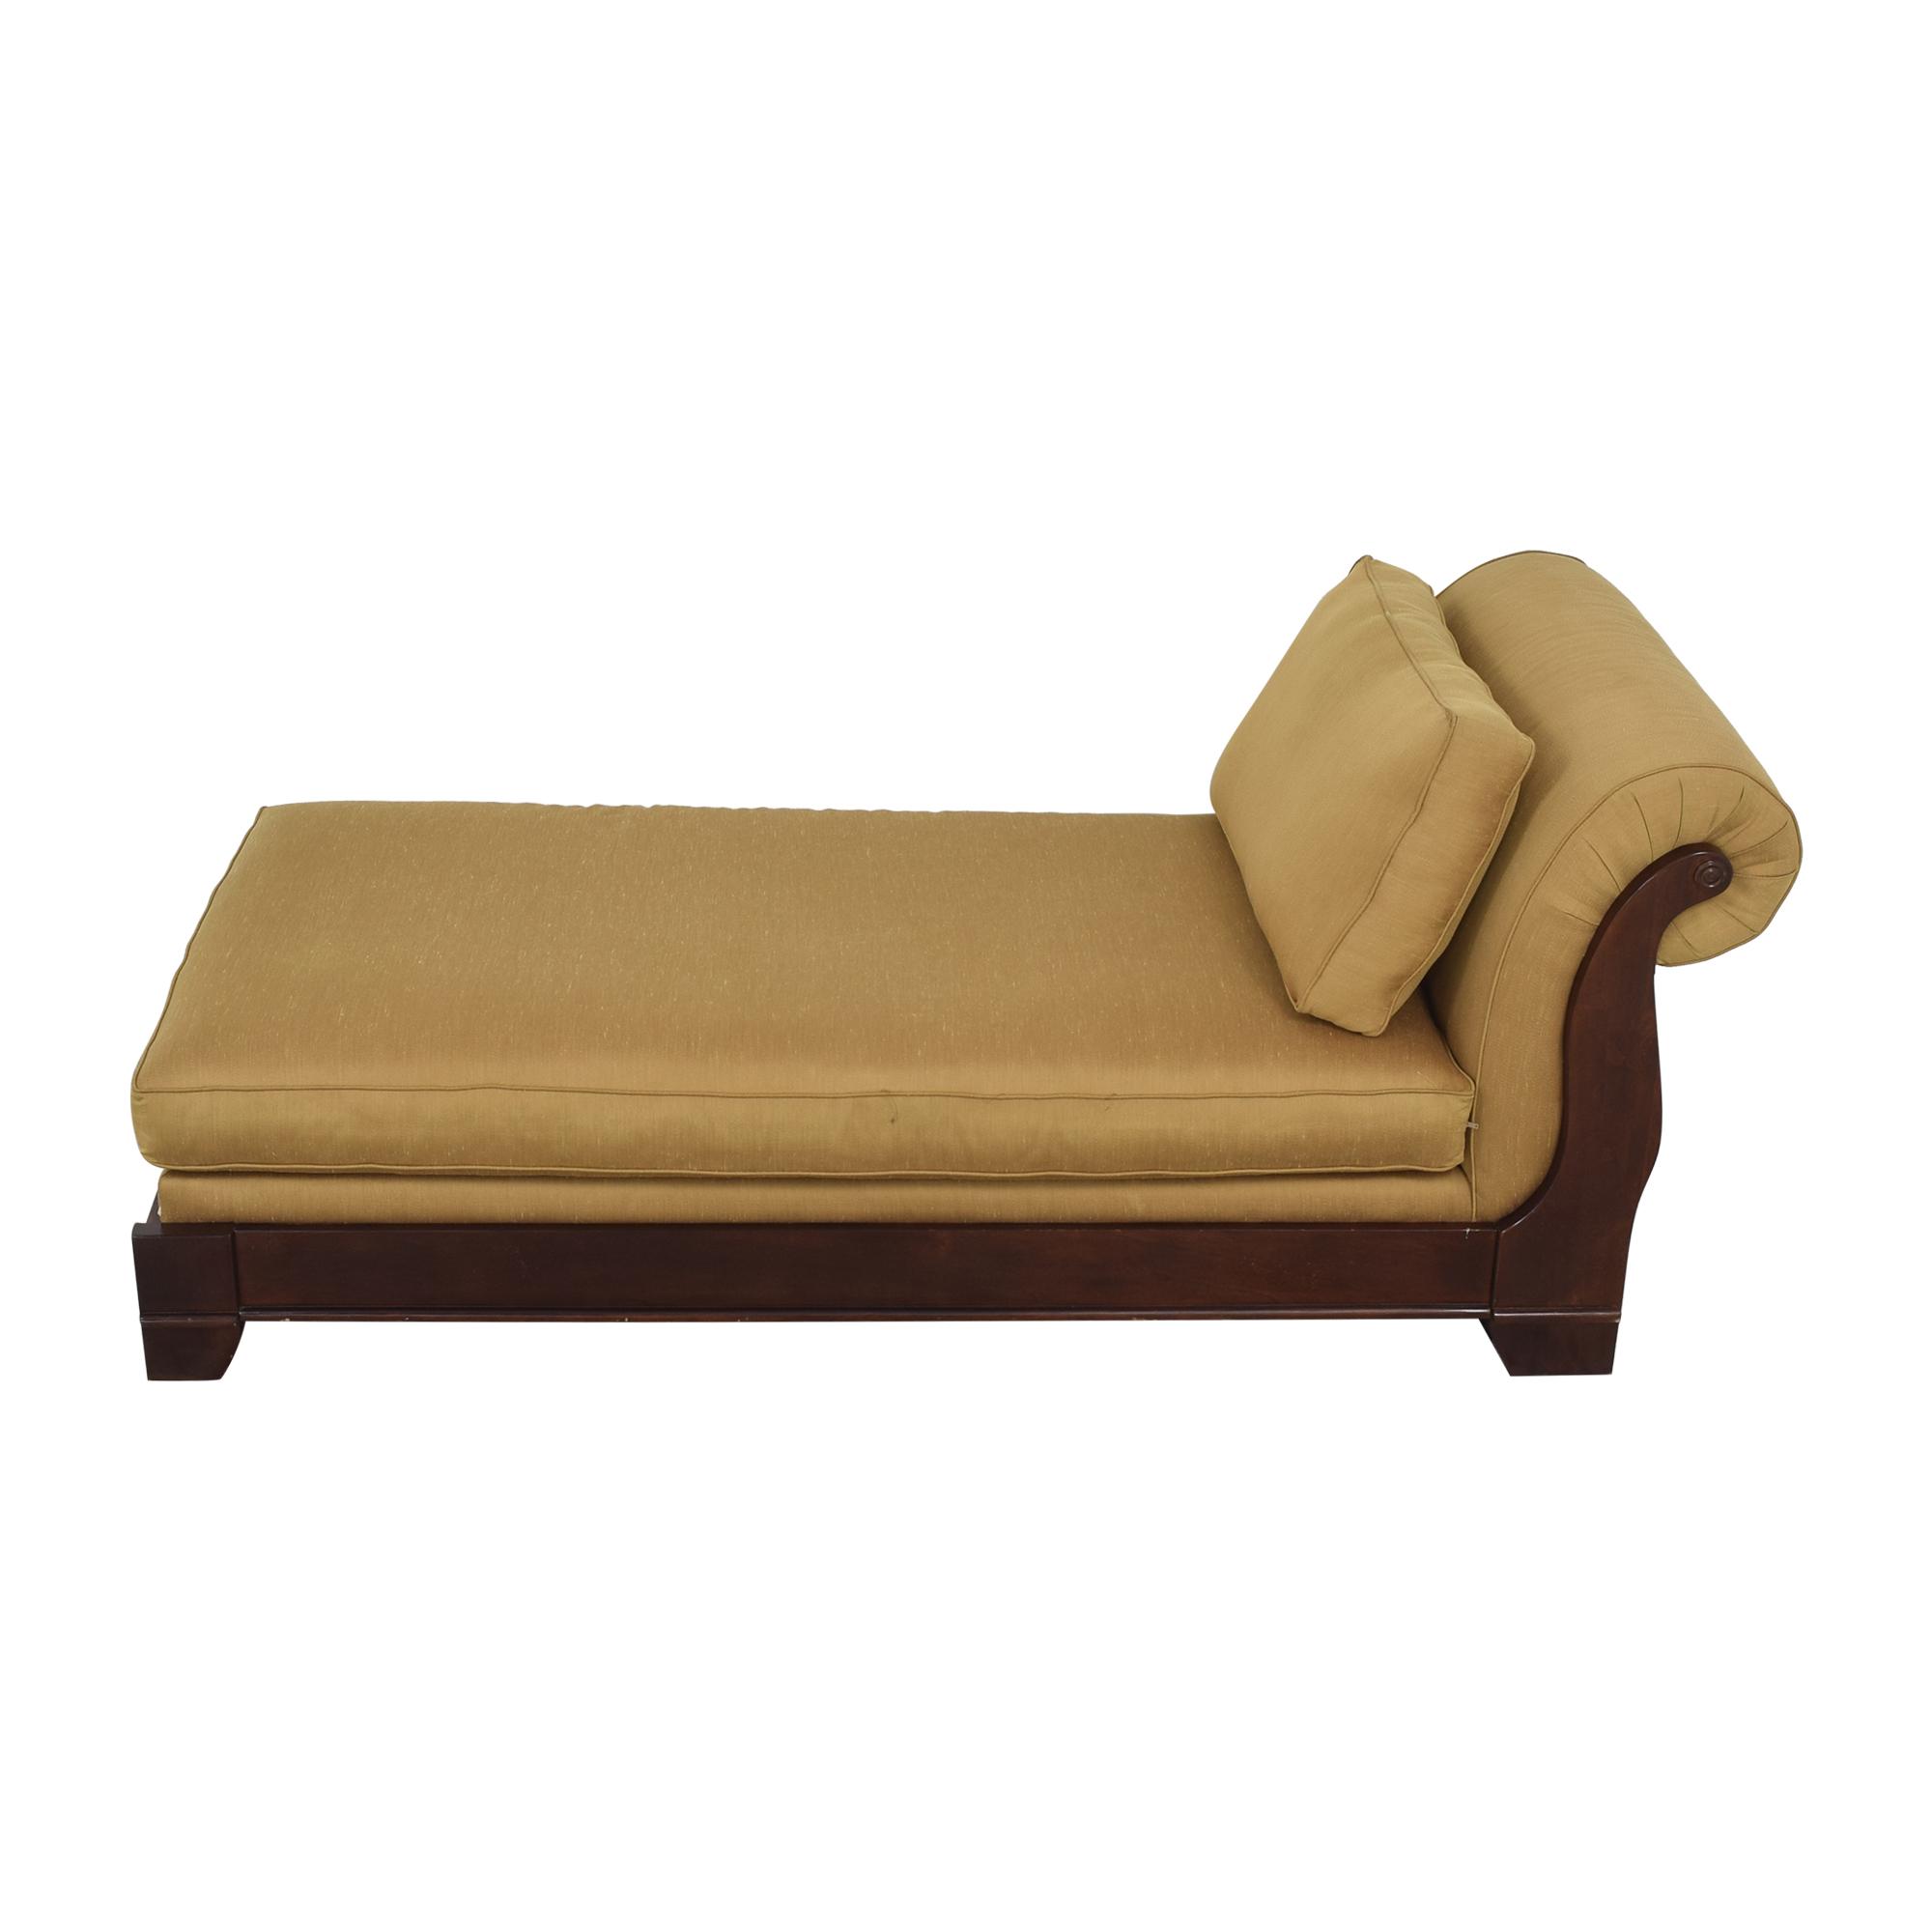 buy Bassett Upholstered Chaise Lounge Bassett Furniture